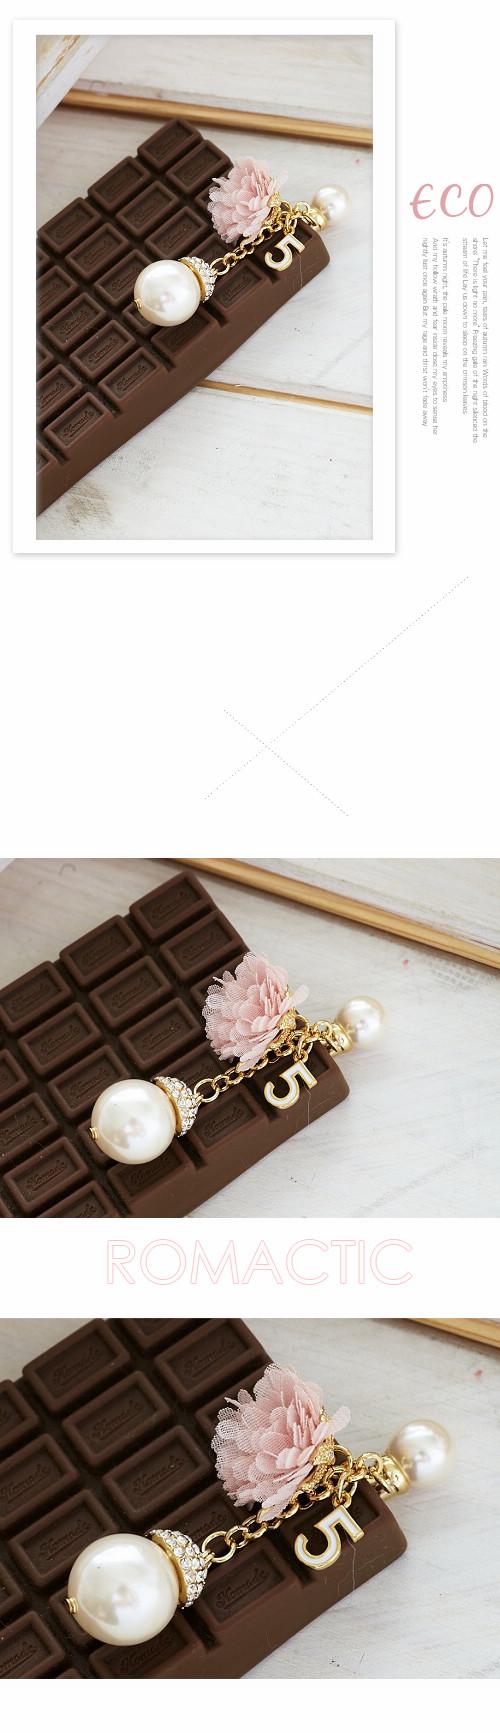 愛心吊飾,珍珠飾品,小熊,愛心,雪紡紗,韓國飾品,韓國配件